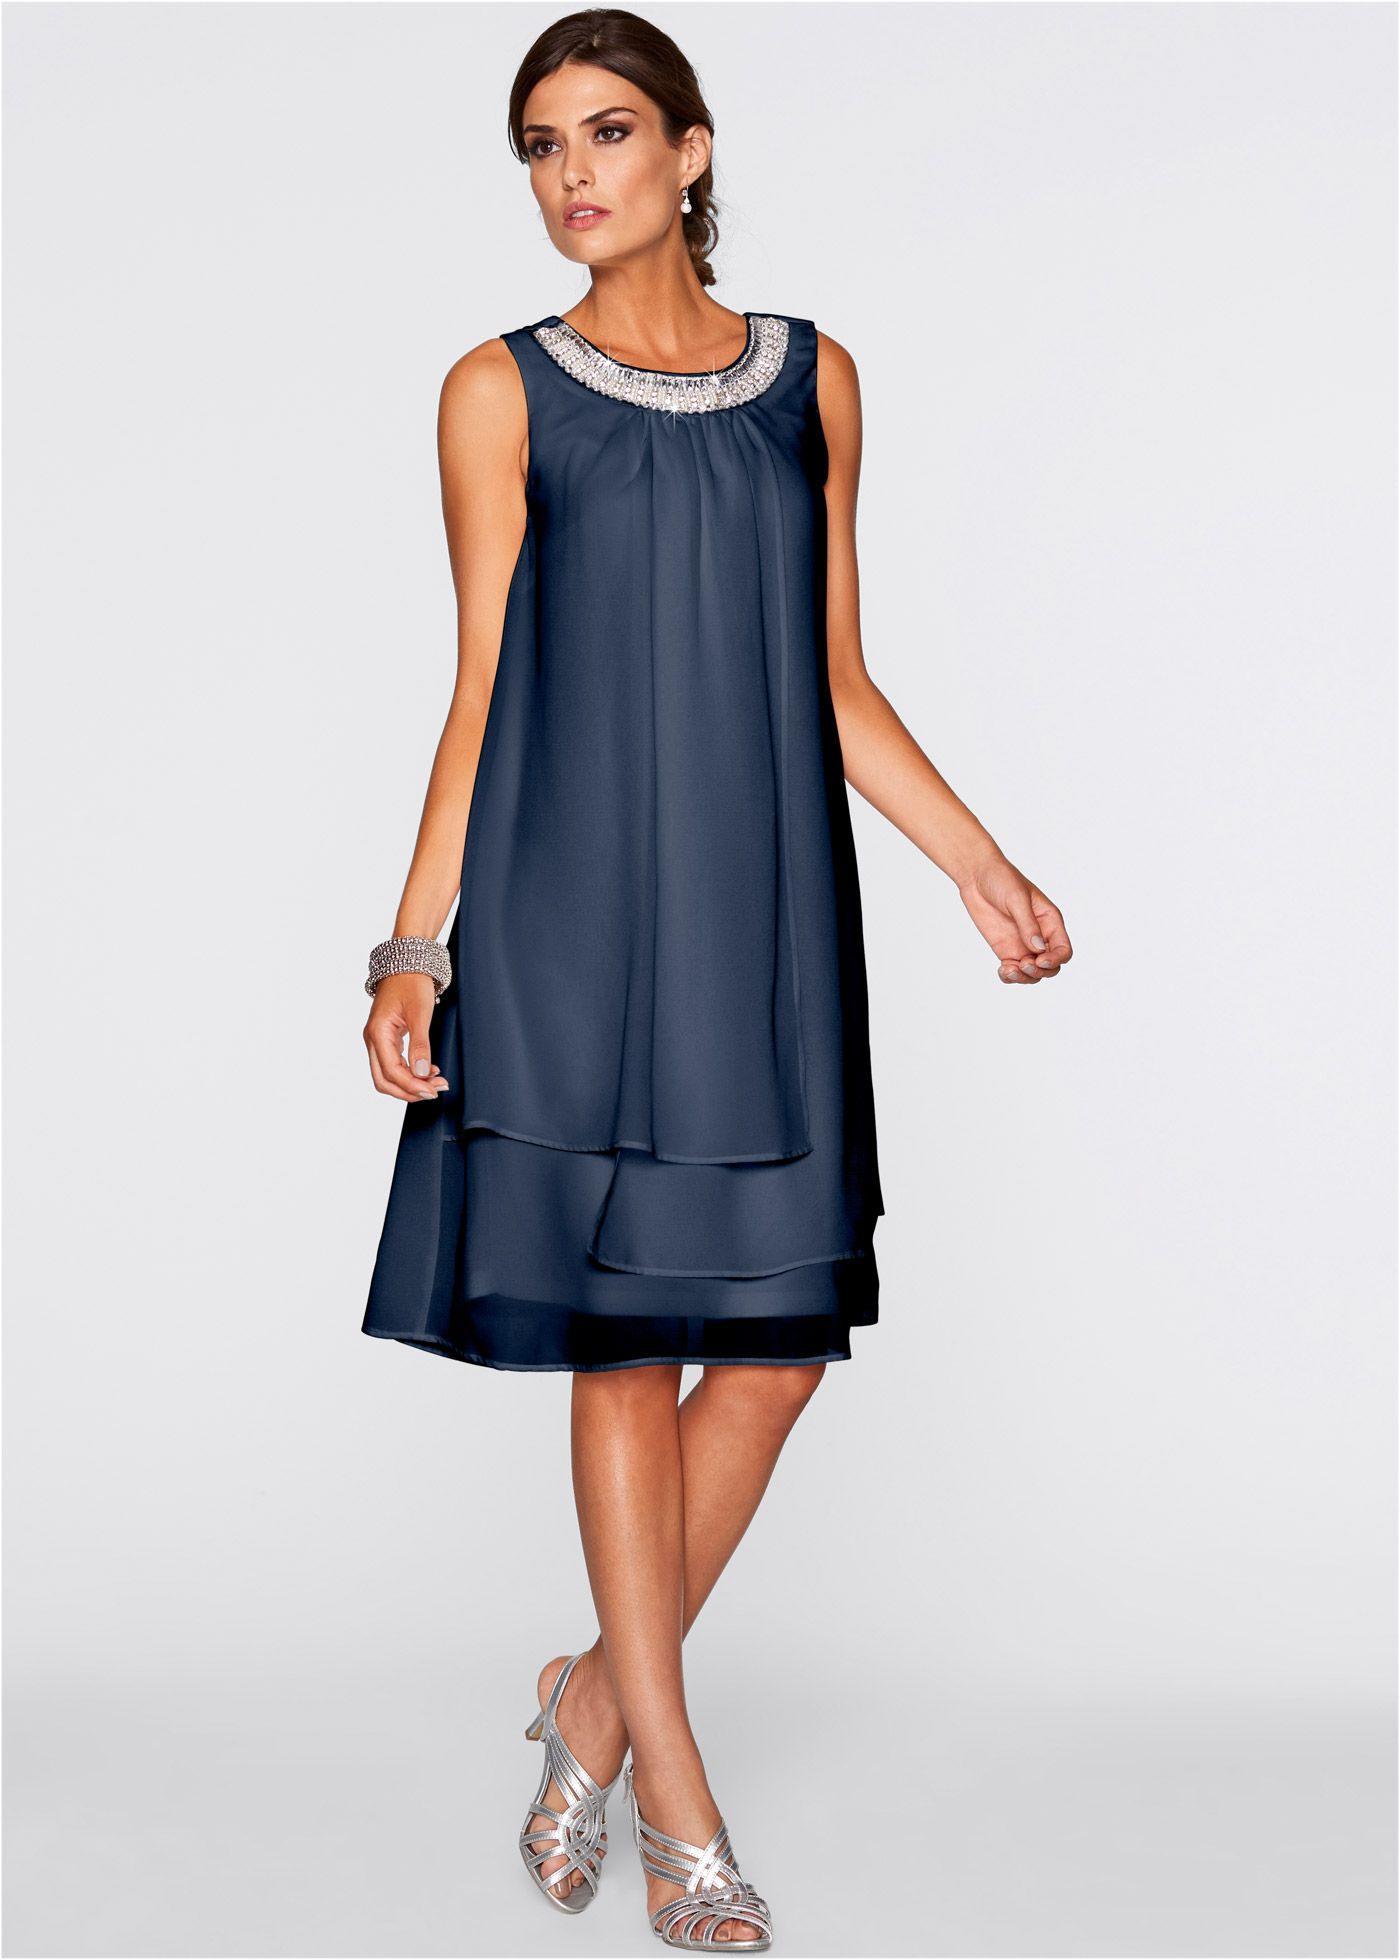 Wundervolles Kleid Mit Perlen  Dunkelblau In 2020